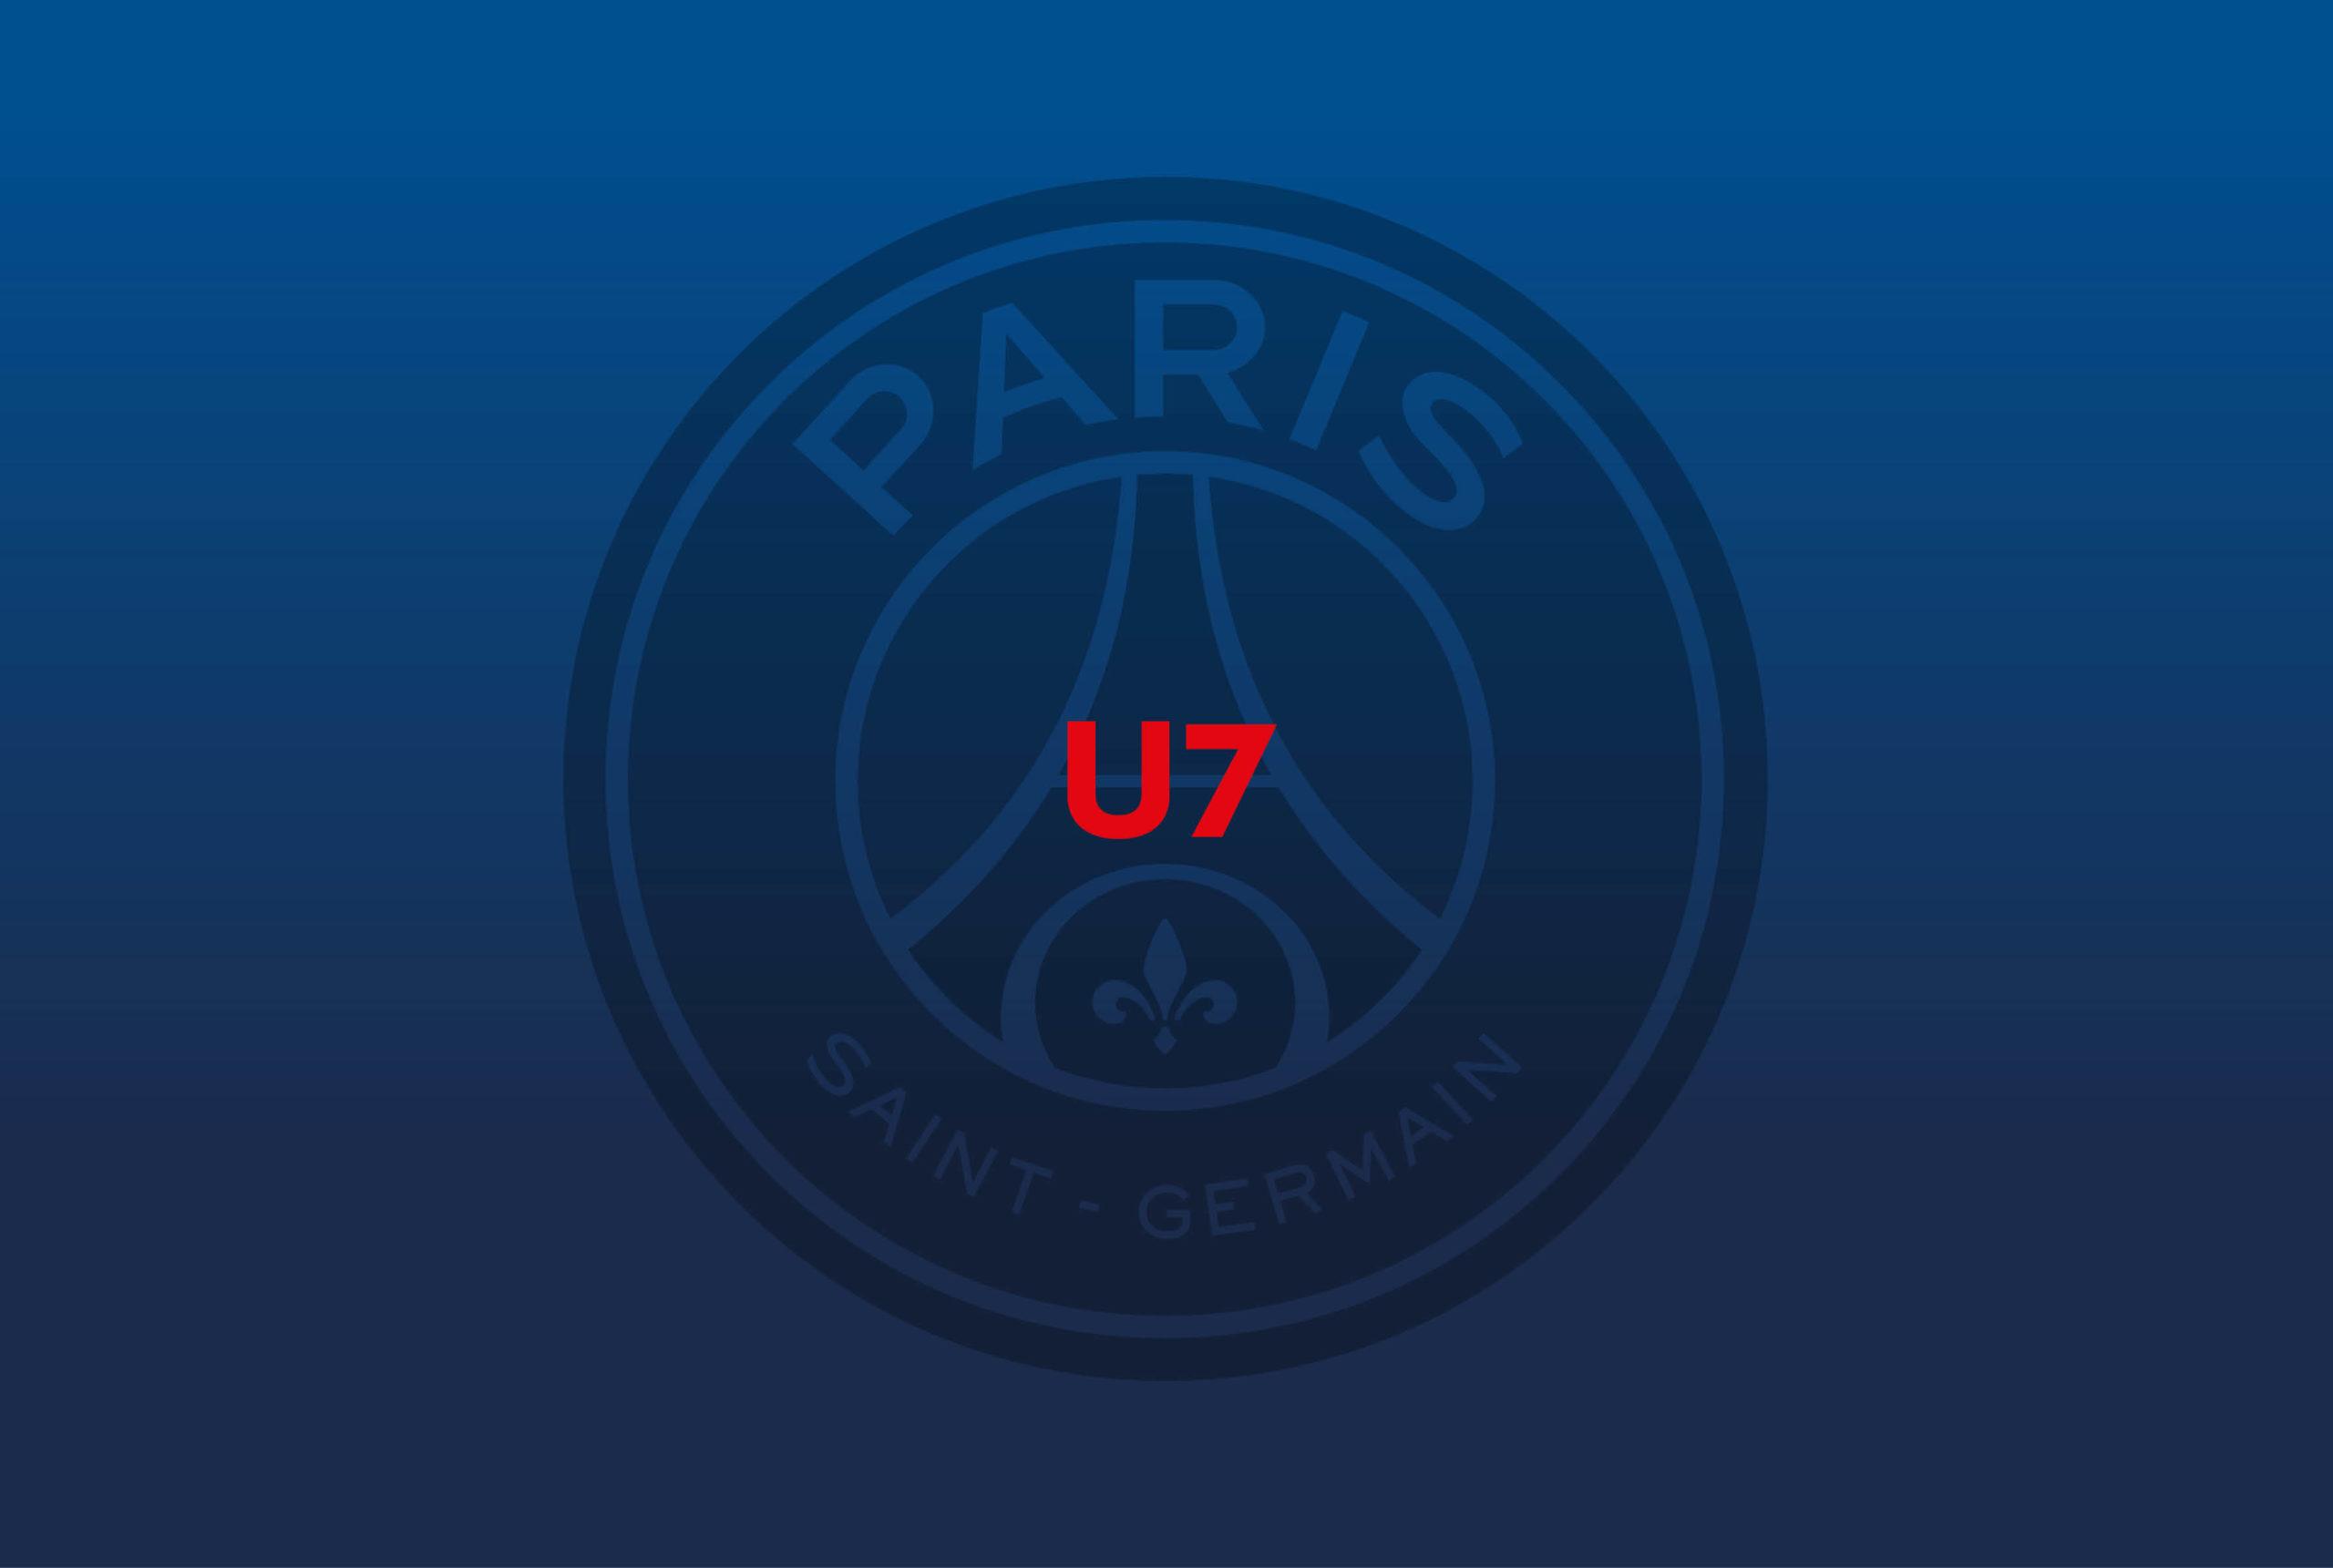 Équipe PSG - U7